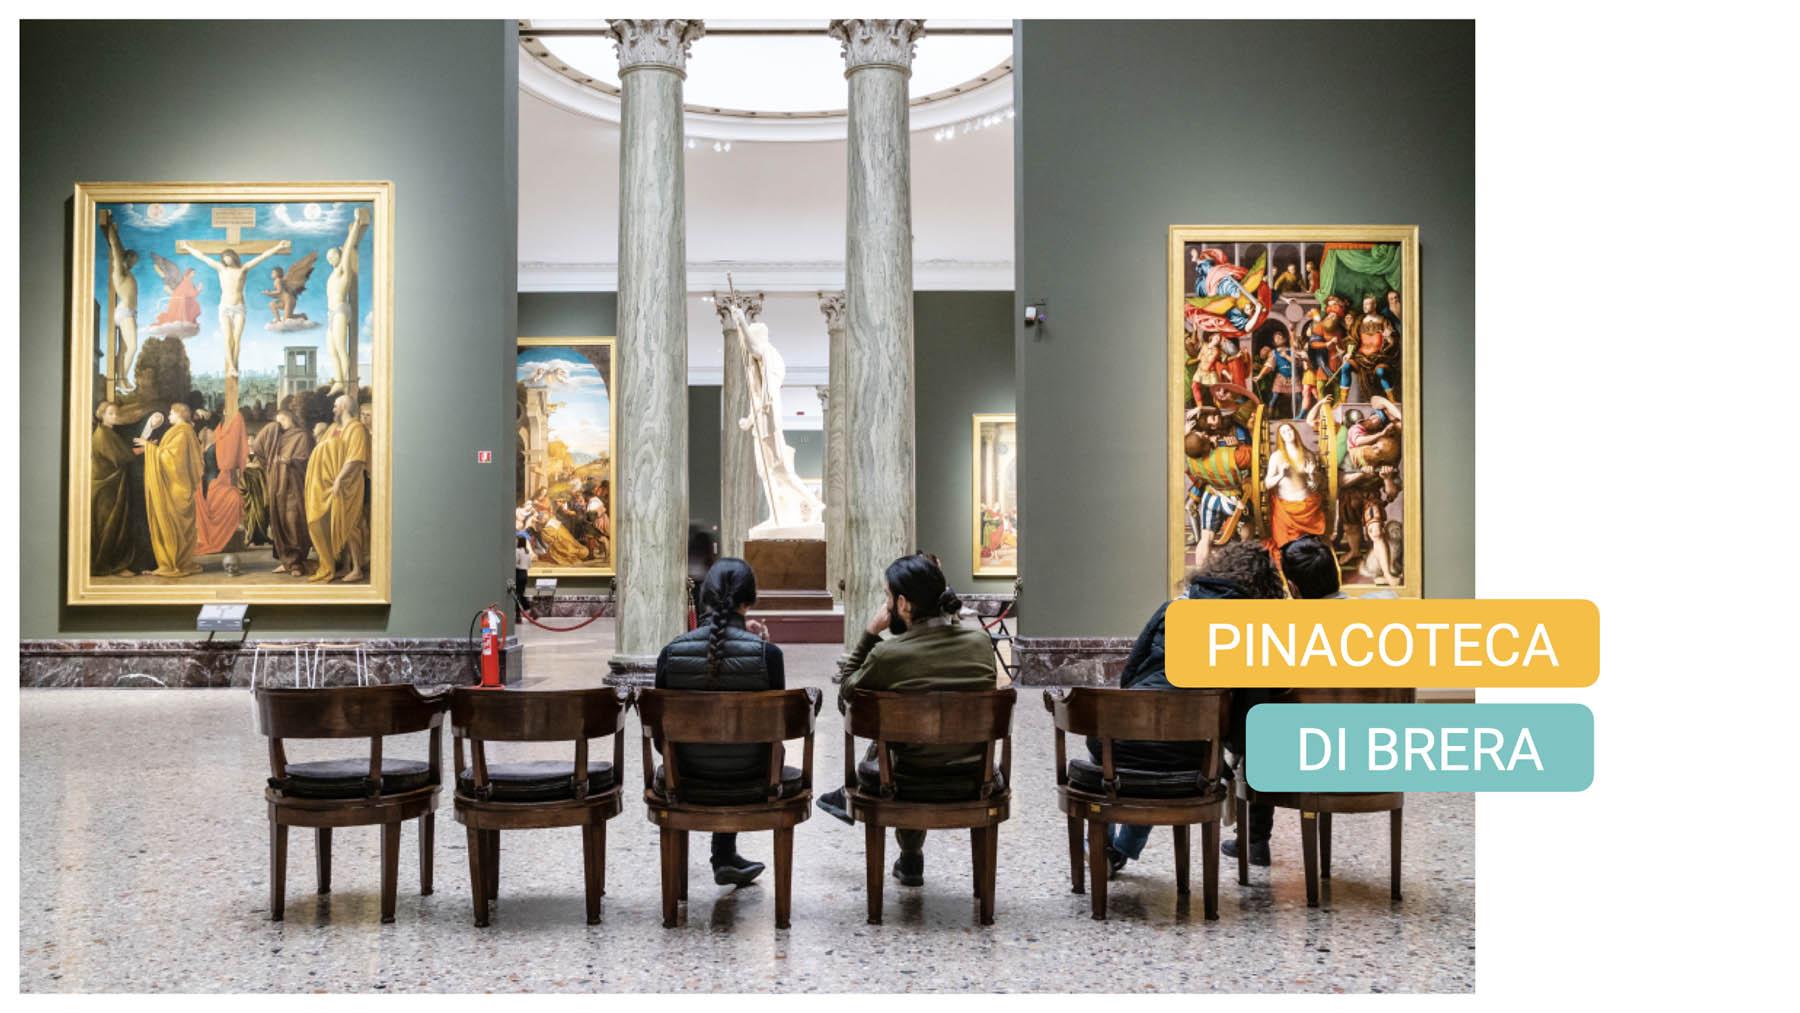 pinacoteca di brera milano bike tour milan art